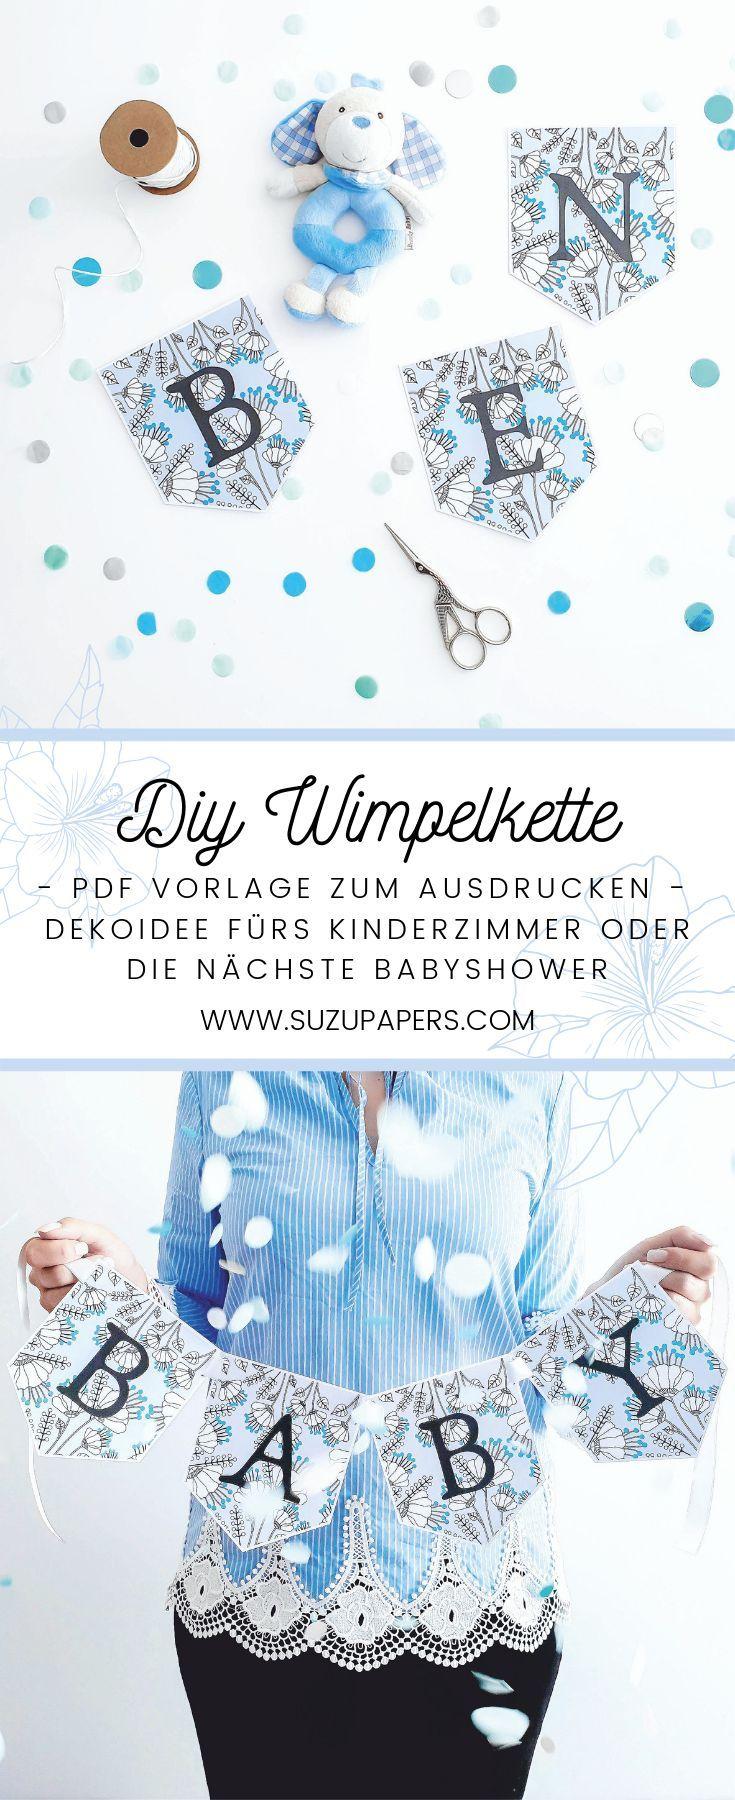 DIY Idee fürs Kinderzimmer   Wandgestaltung Babyzimmer  Babyshower Boy #babyshower #babyzimmer #kinderzimmer #wandgestaltung